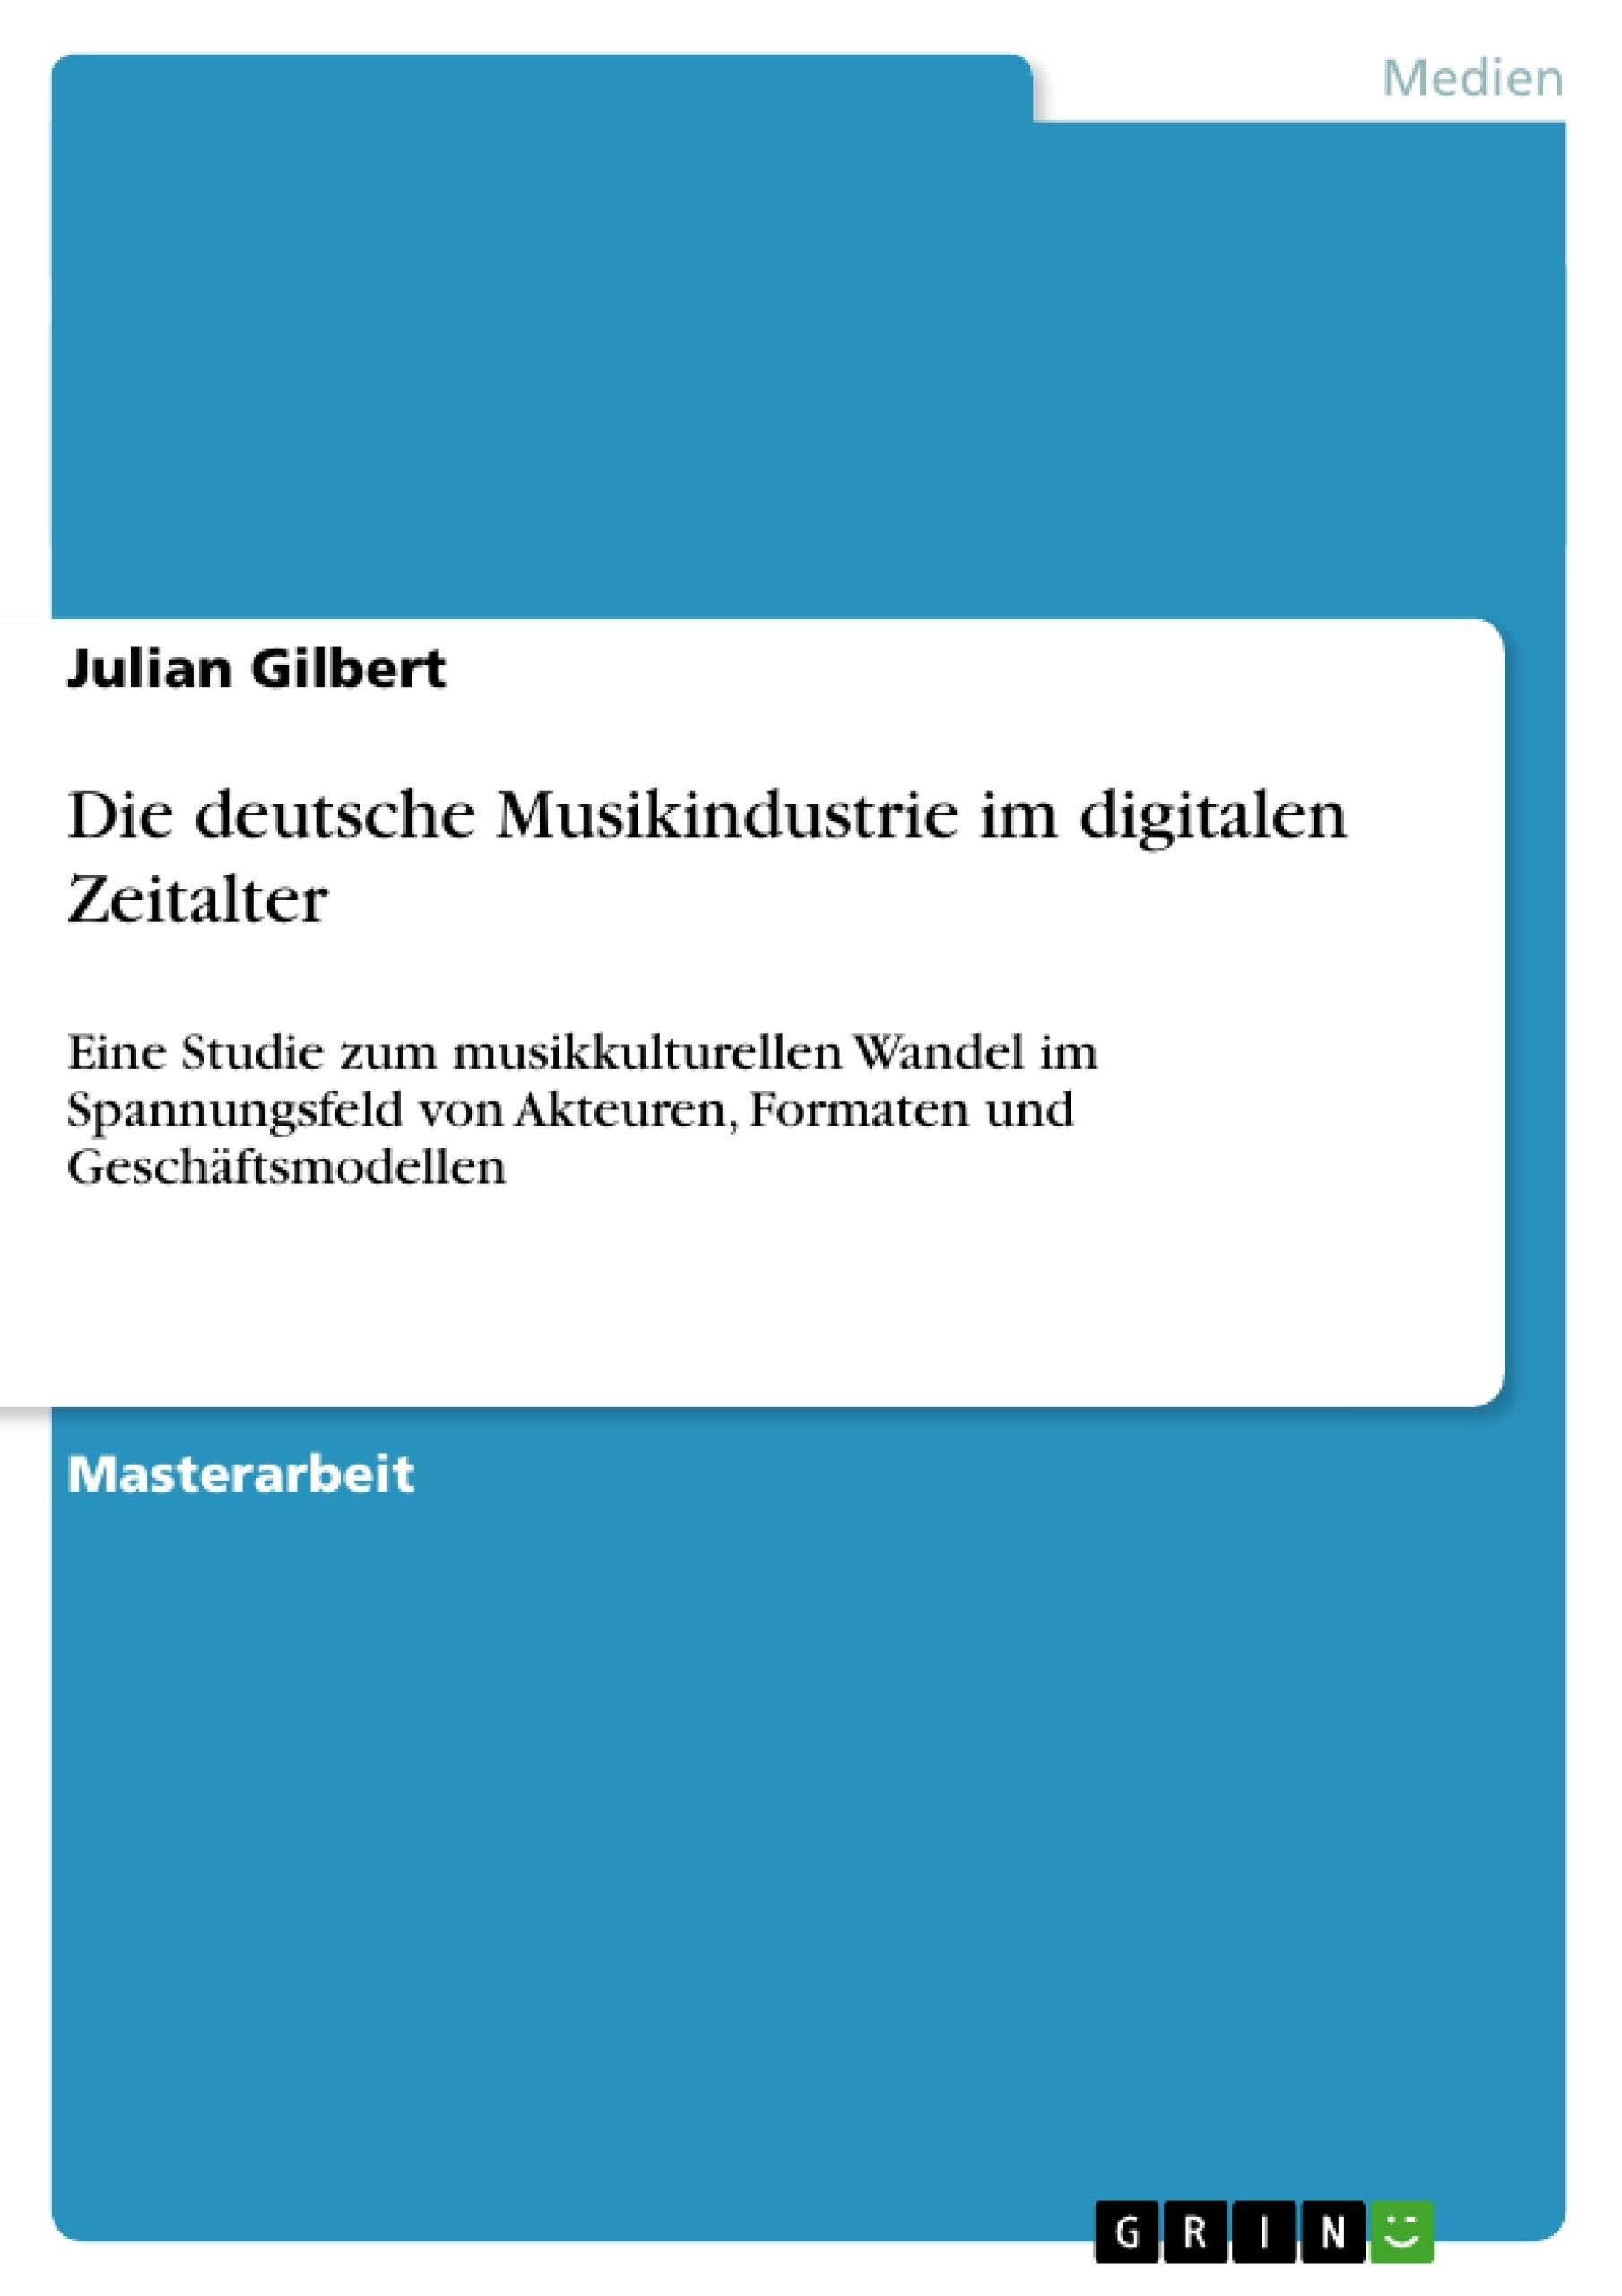 Titel: Die deutsche Musikindustrie im digitalen Zeitalter